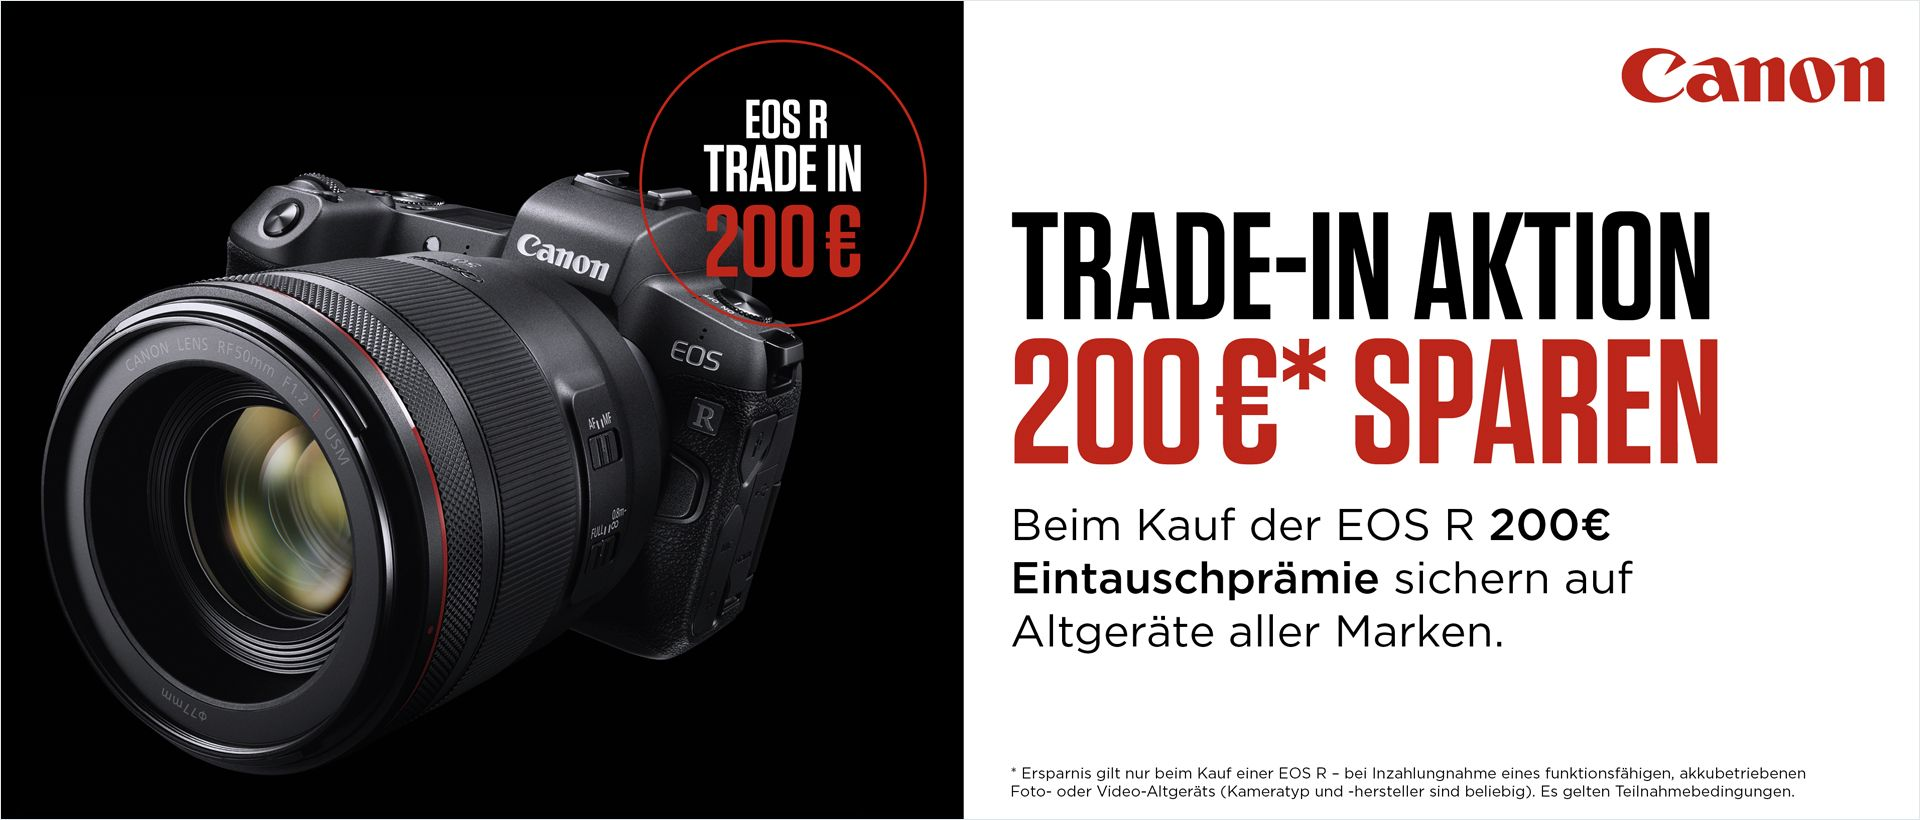 Canon EOS R Trade-In